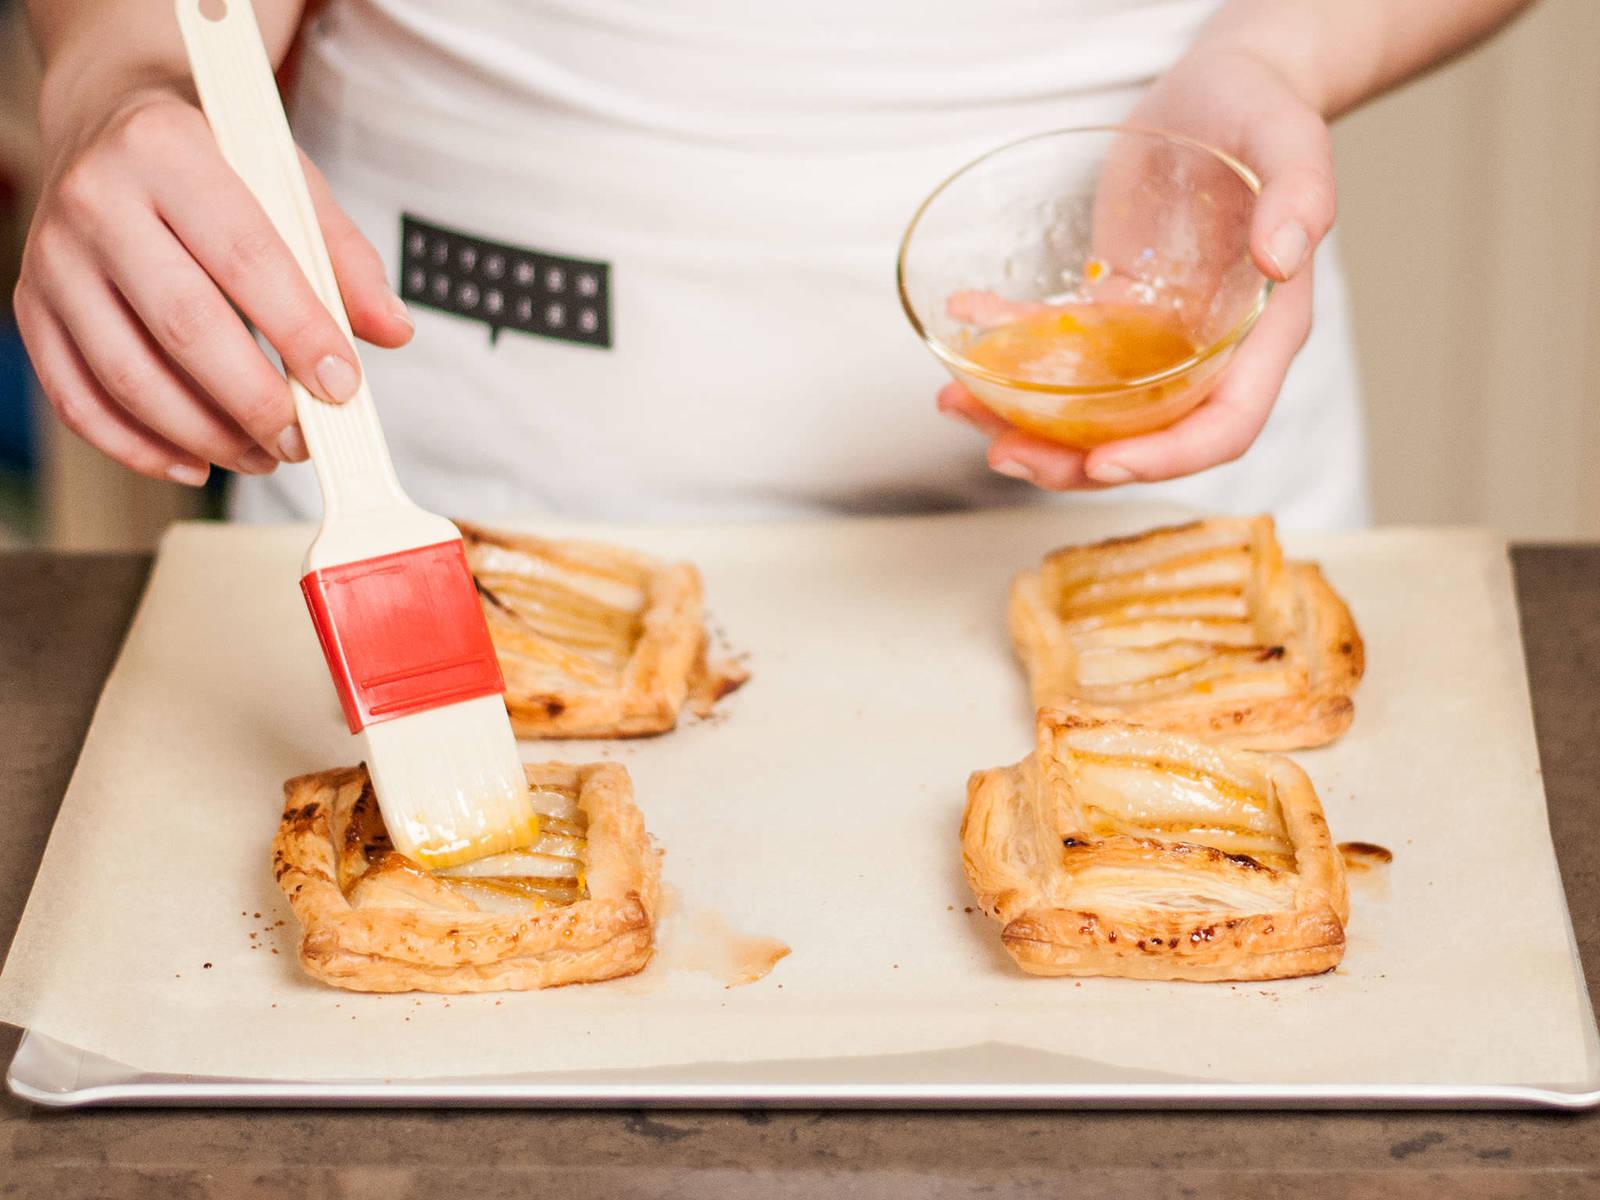 同时,在杏子酱中加少许水,放入微波炉加热或者放在灶上加热成液态,然后刷在烤好的挞上,配上一团打发好的奶油,在温热时享用。